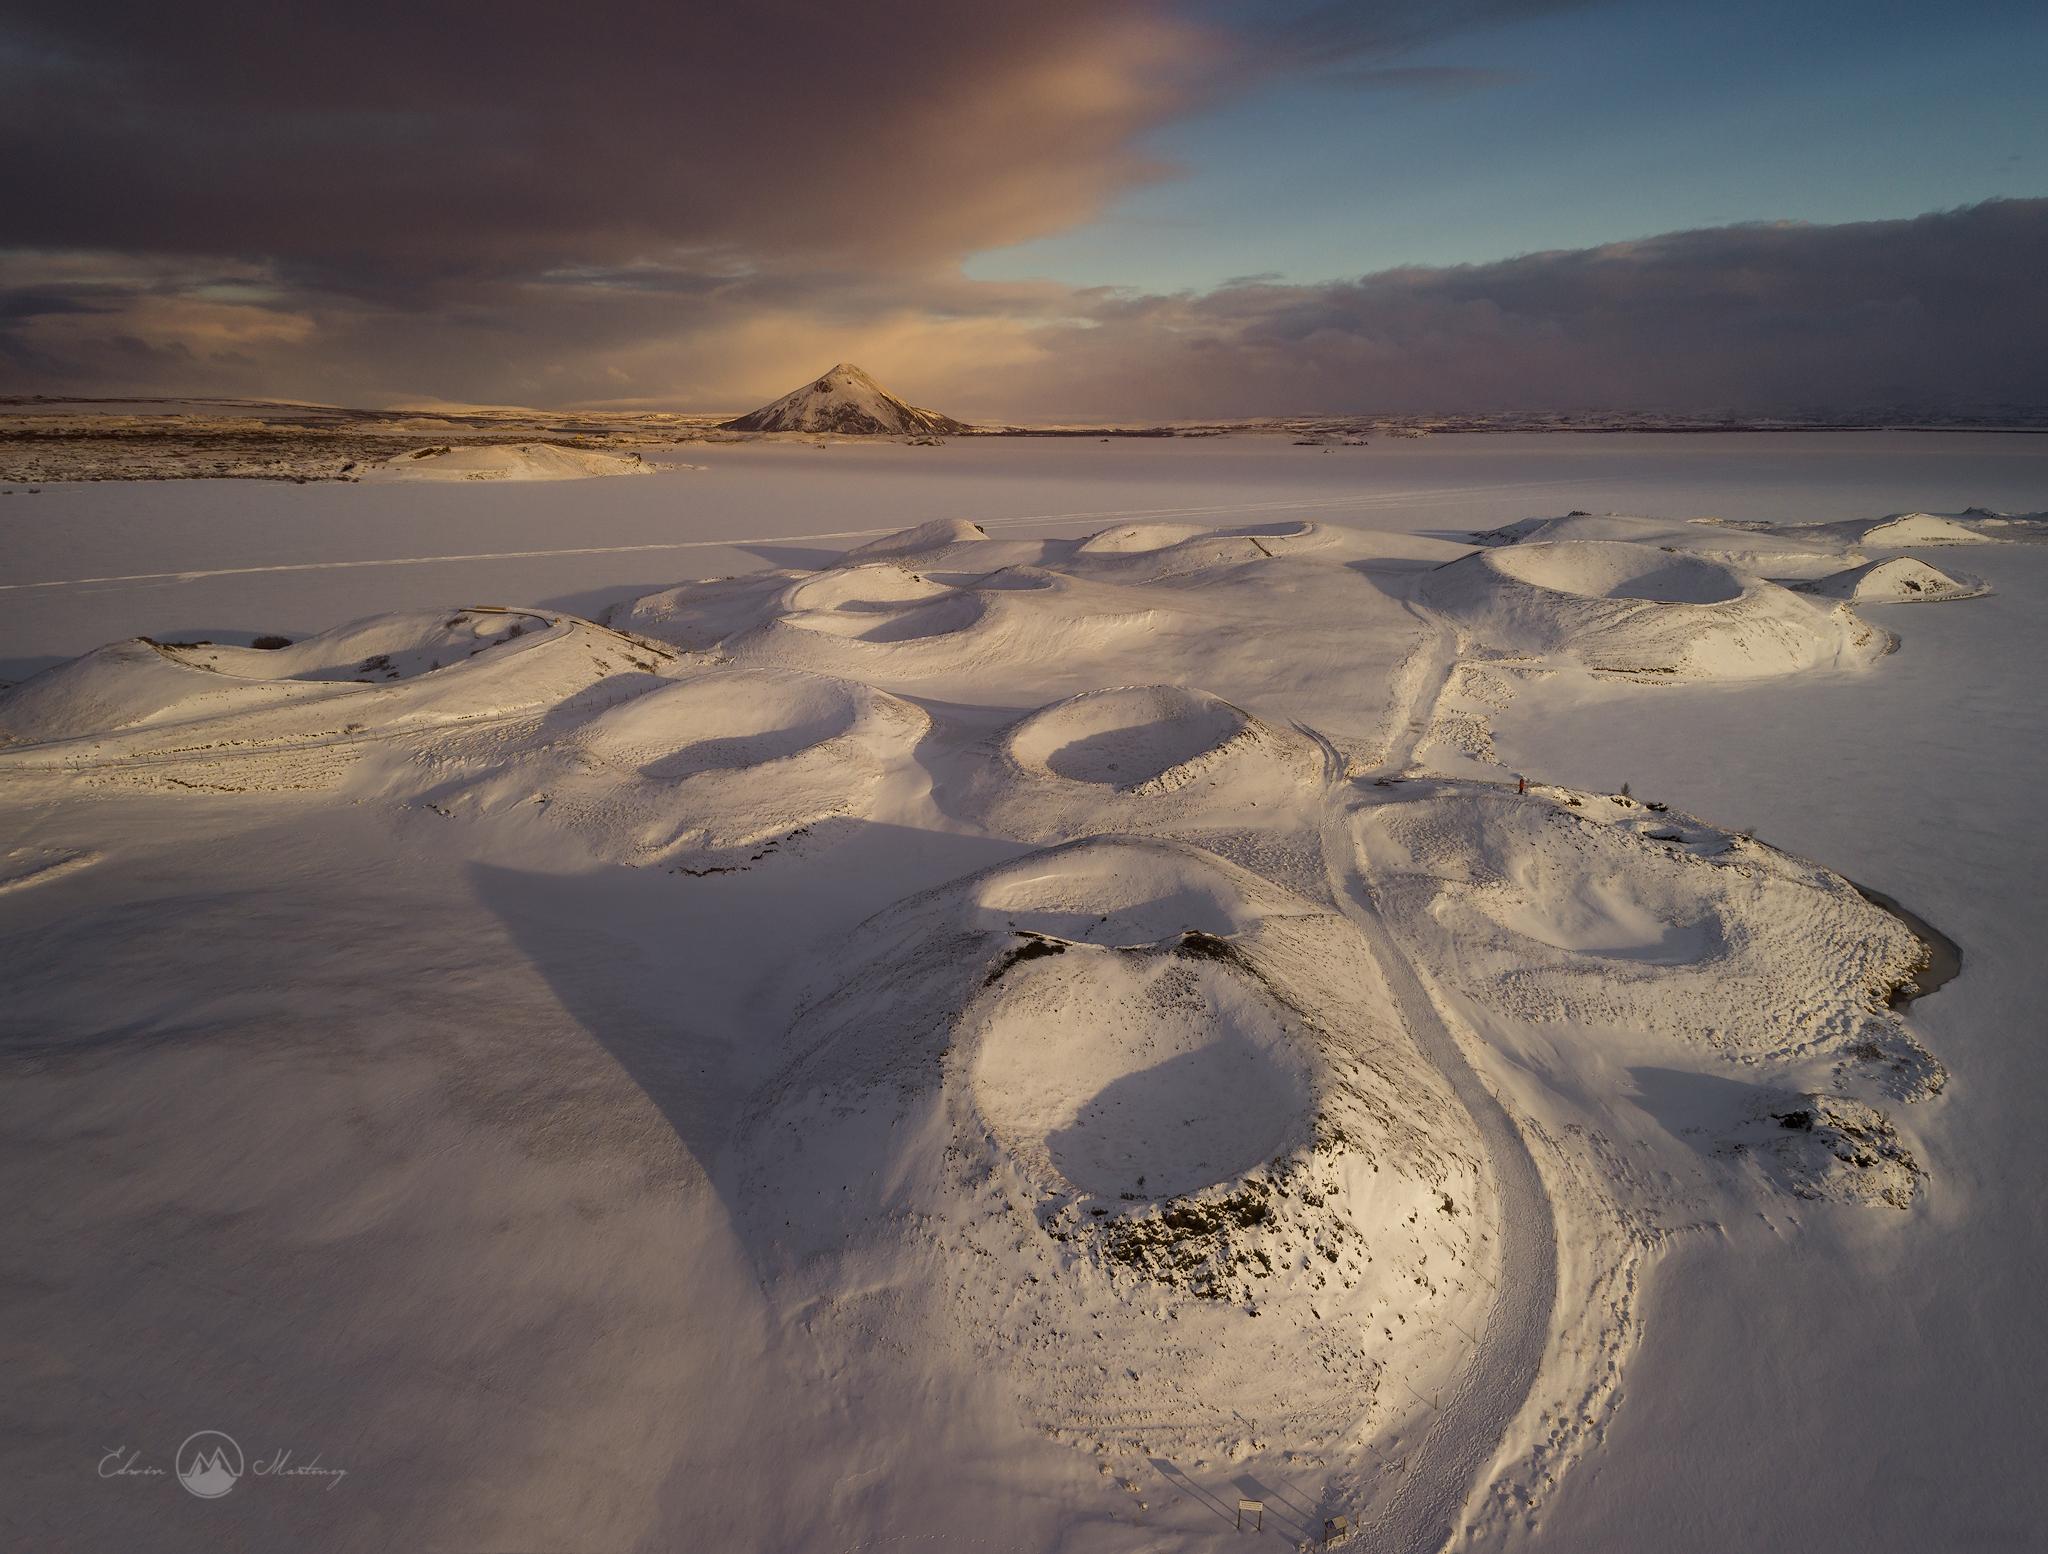 Das winterliche Island hält für Landschaftsfotografen viele aufregende Motive bereit.